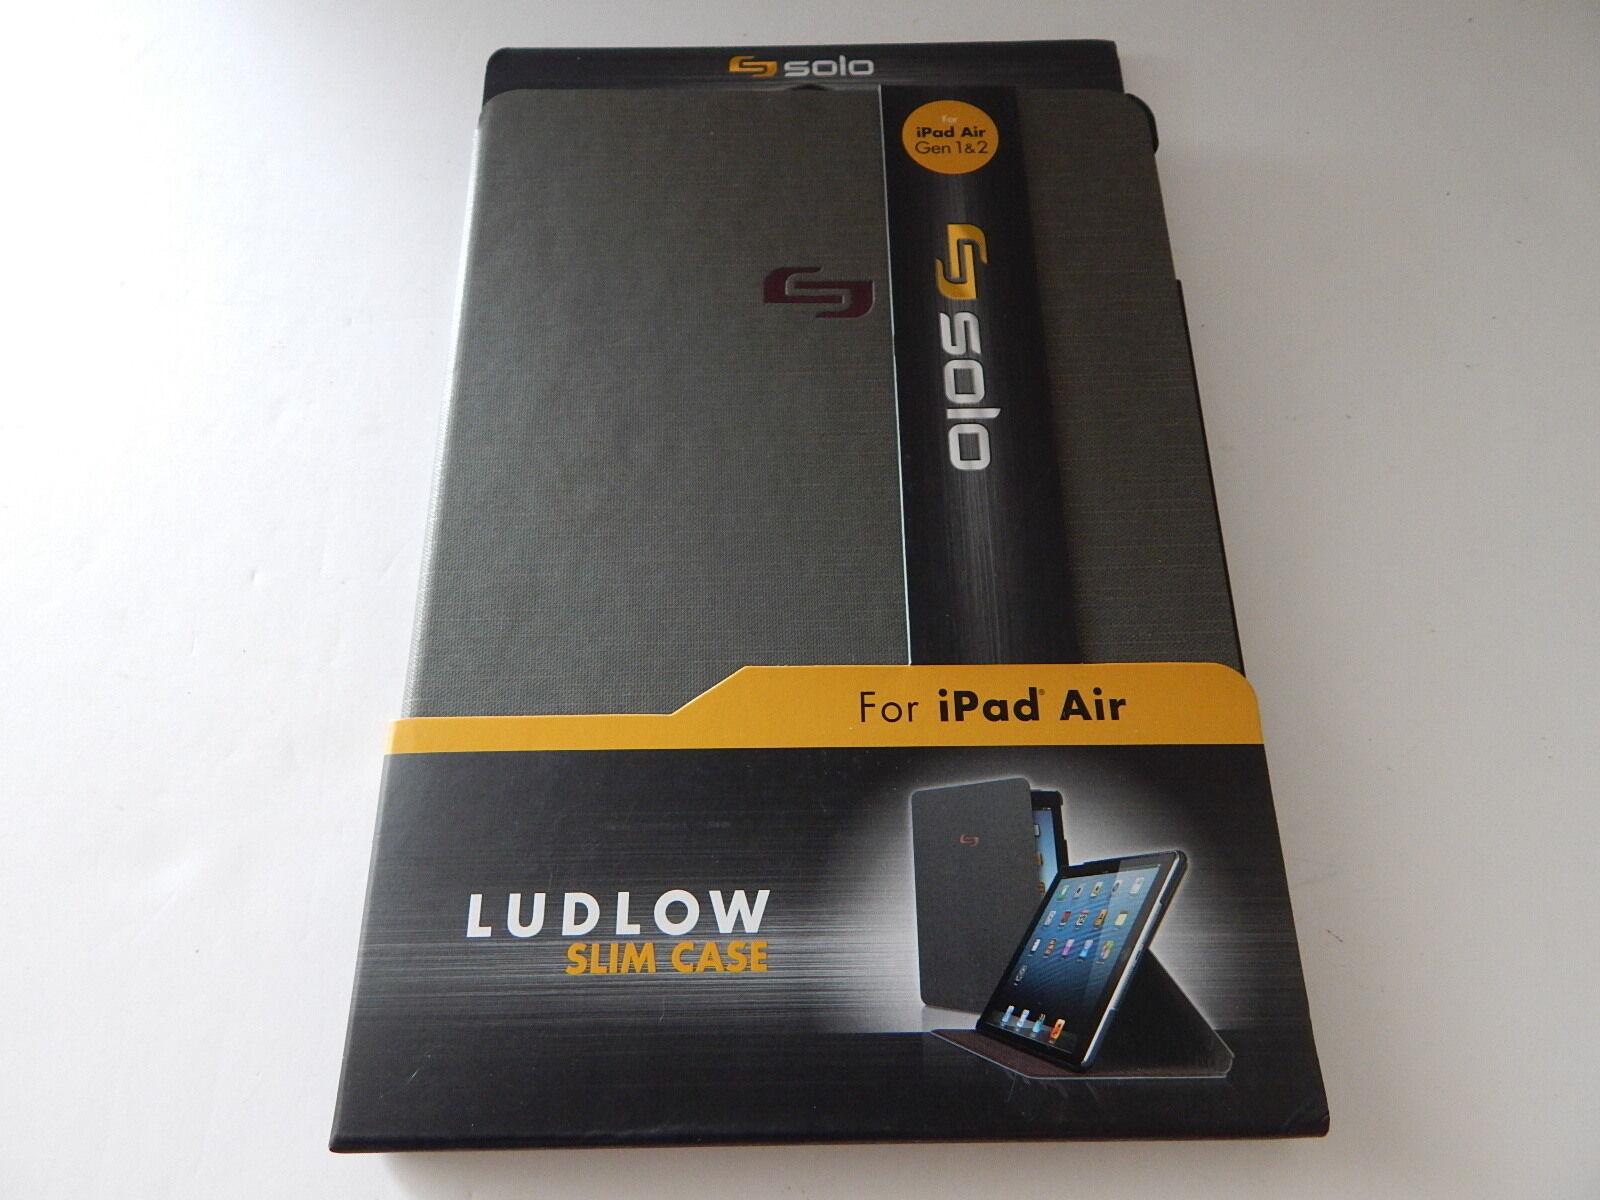 Ludlow Slim Case for iPad Air